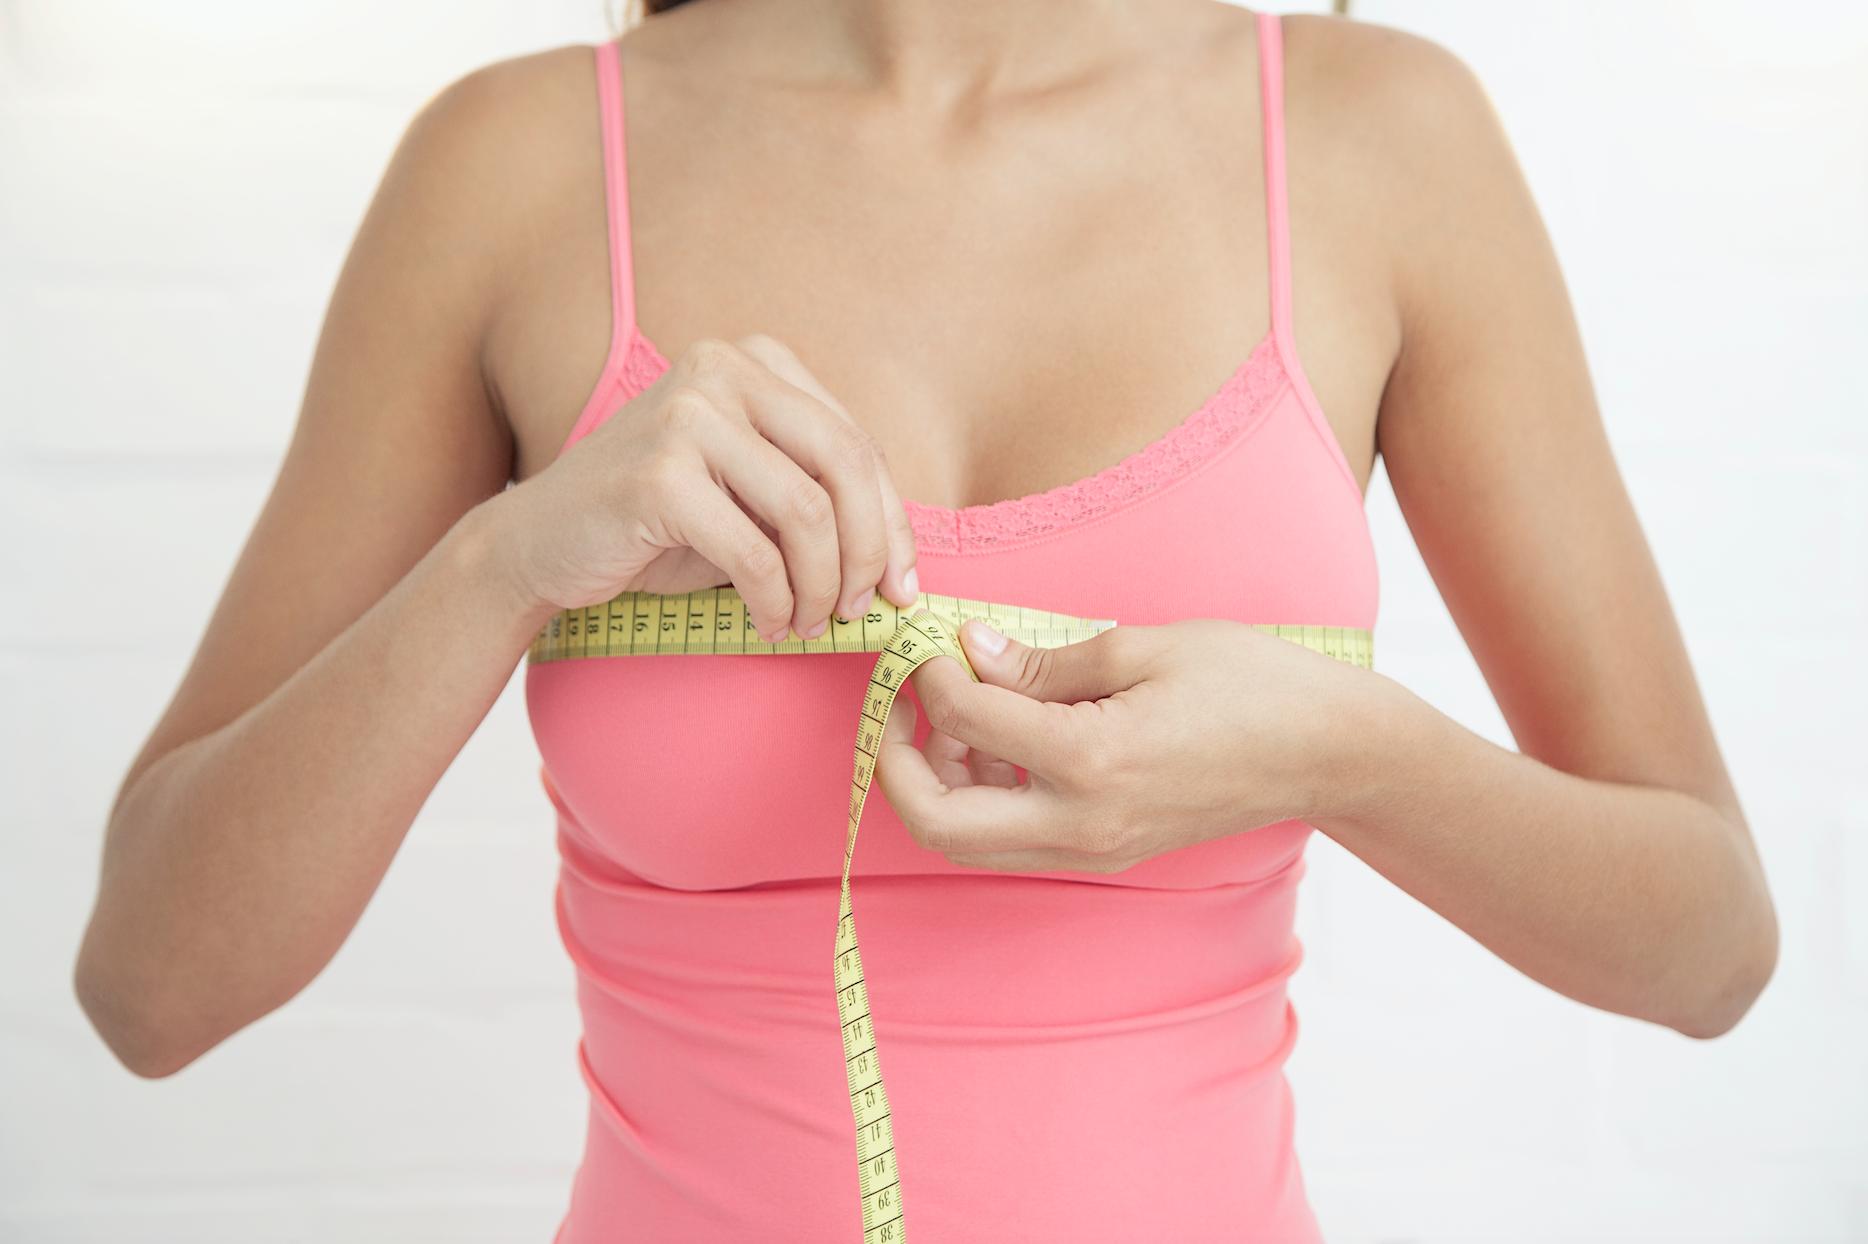 Кто Сохранил Грудь При Похудении. Лучшие способы сохранения груди при похудении